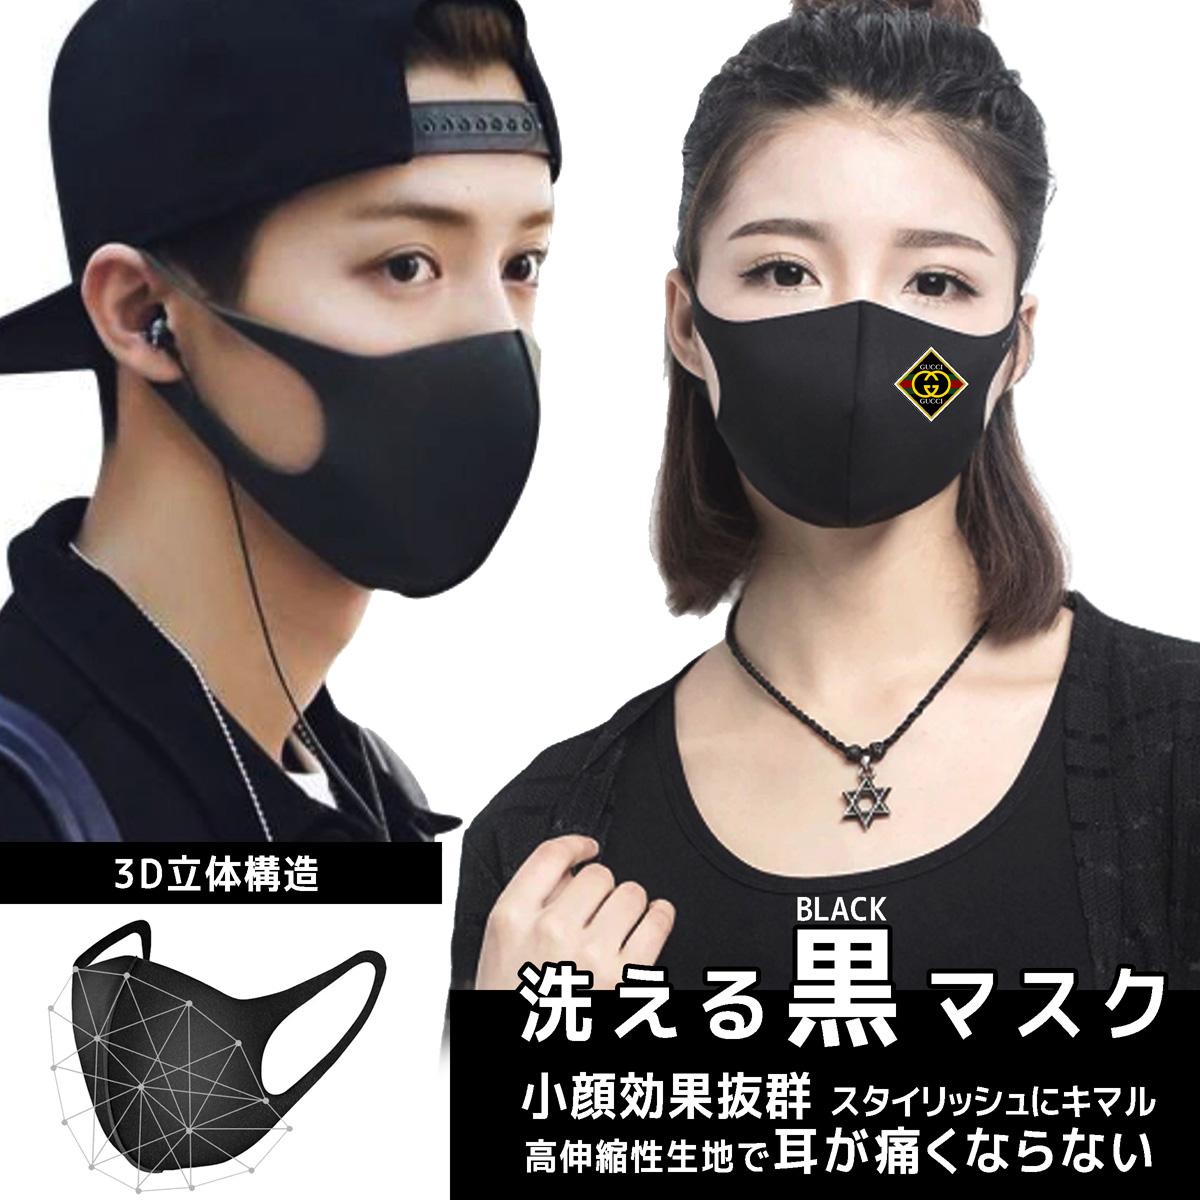 激安 韓国 耳を痛めず快適  速乾 ブランドマスク販売